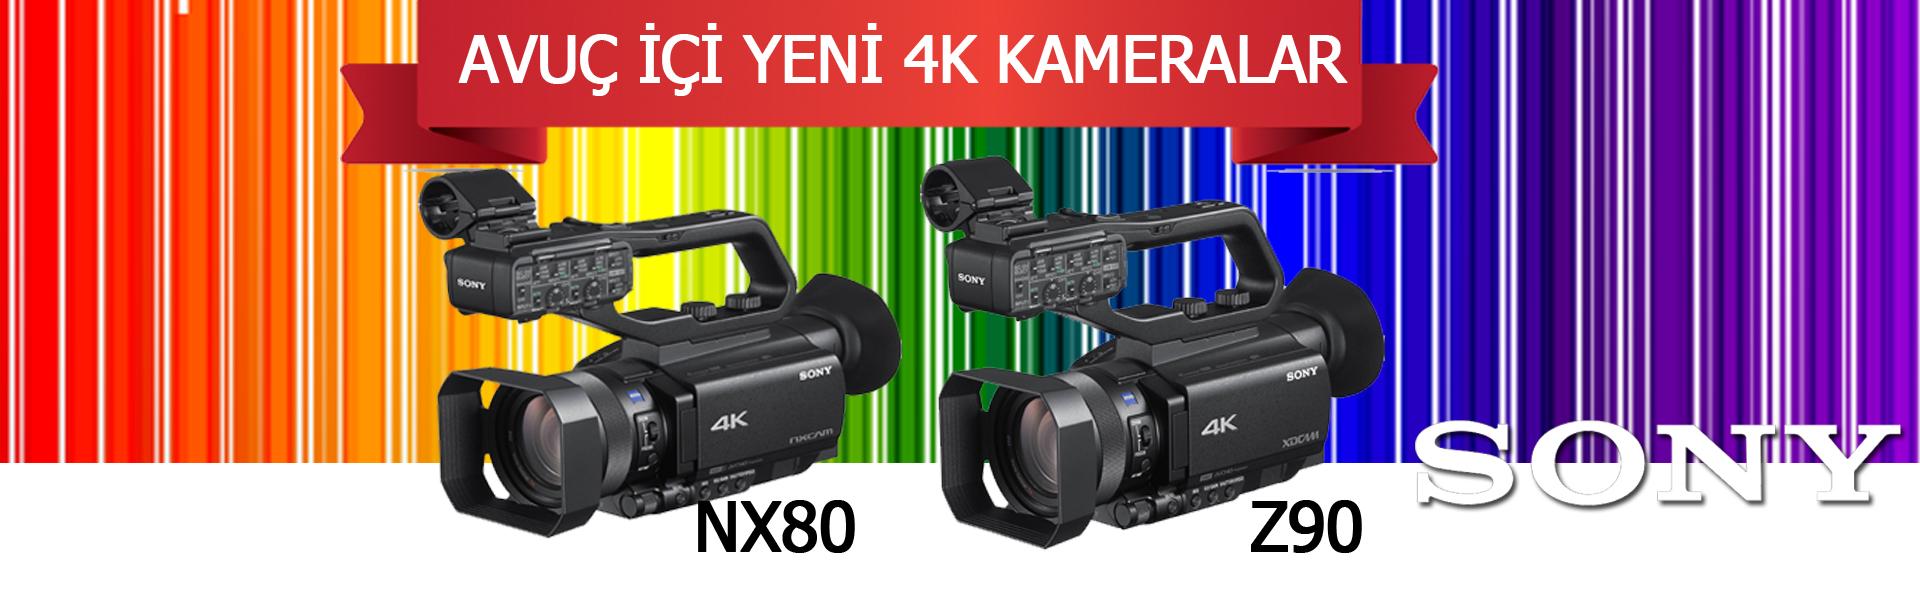 nx80-ve-z90-slider